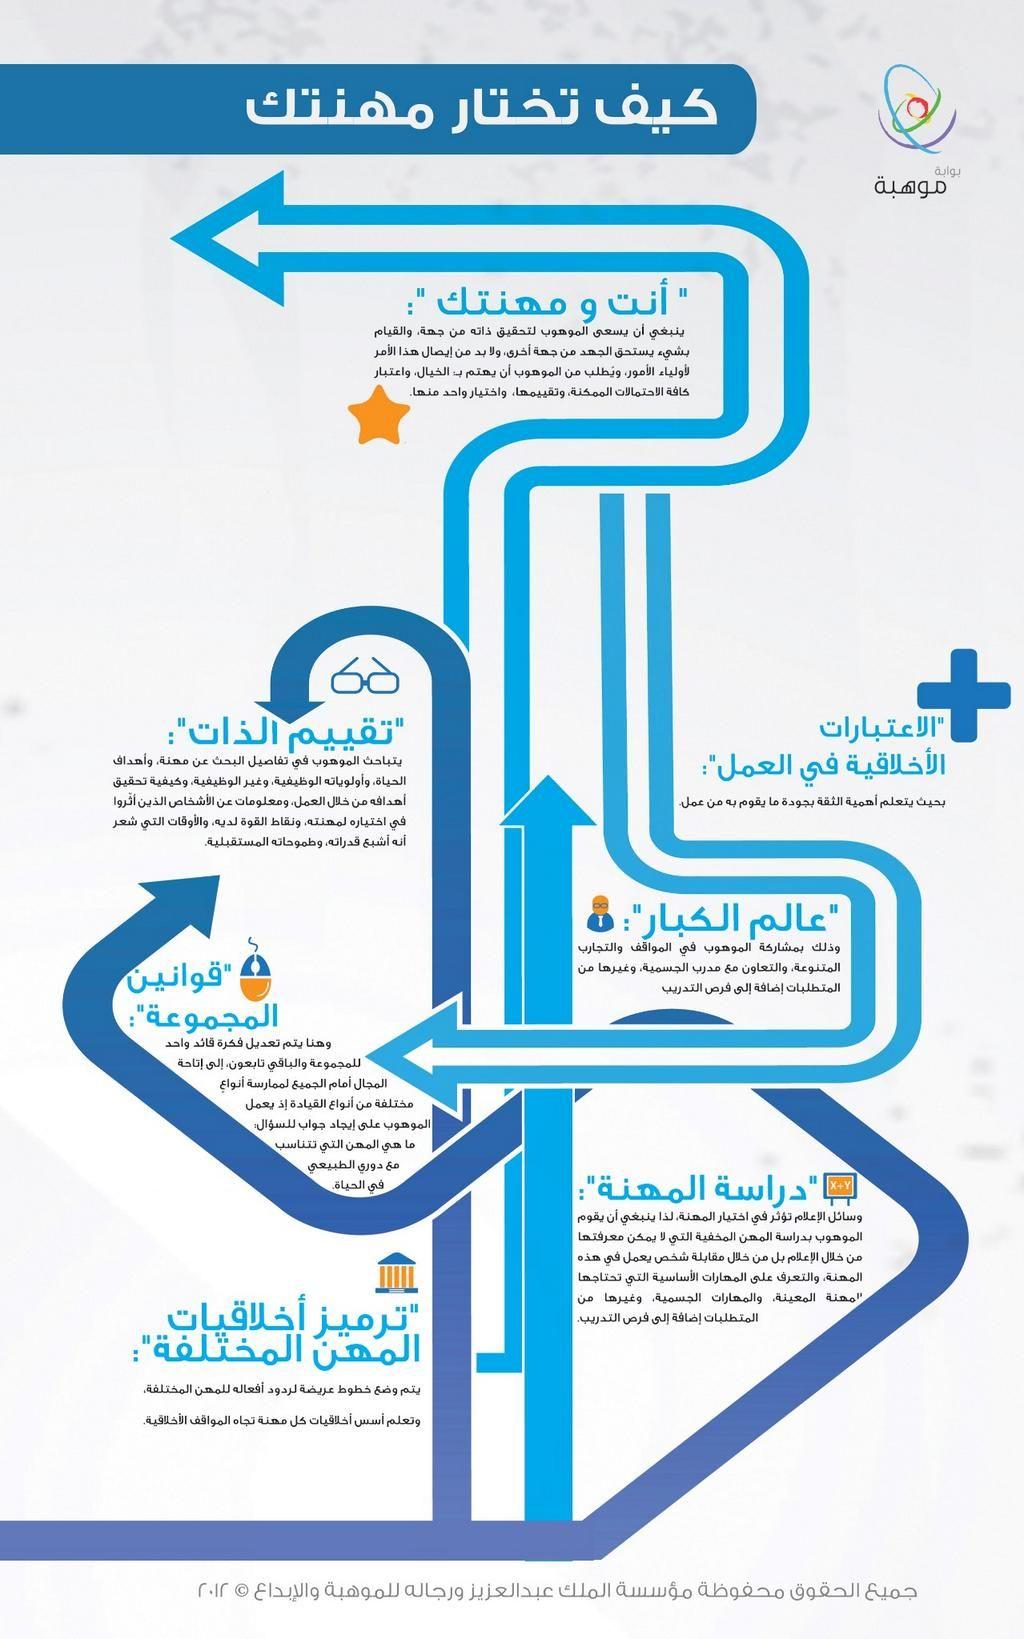 كيف تختار مهنتك Life Skills Activities Intellegence Life Skills